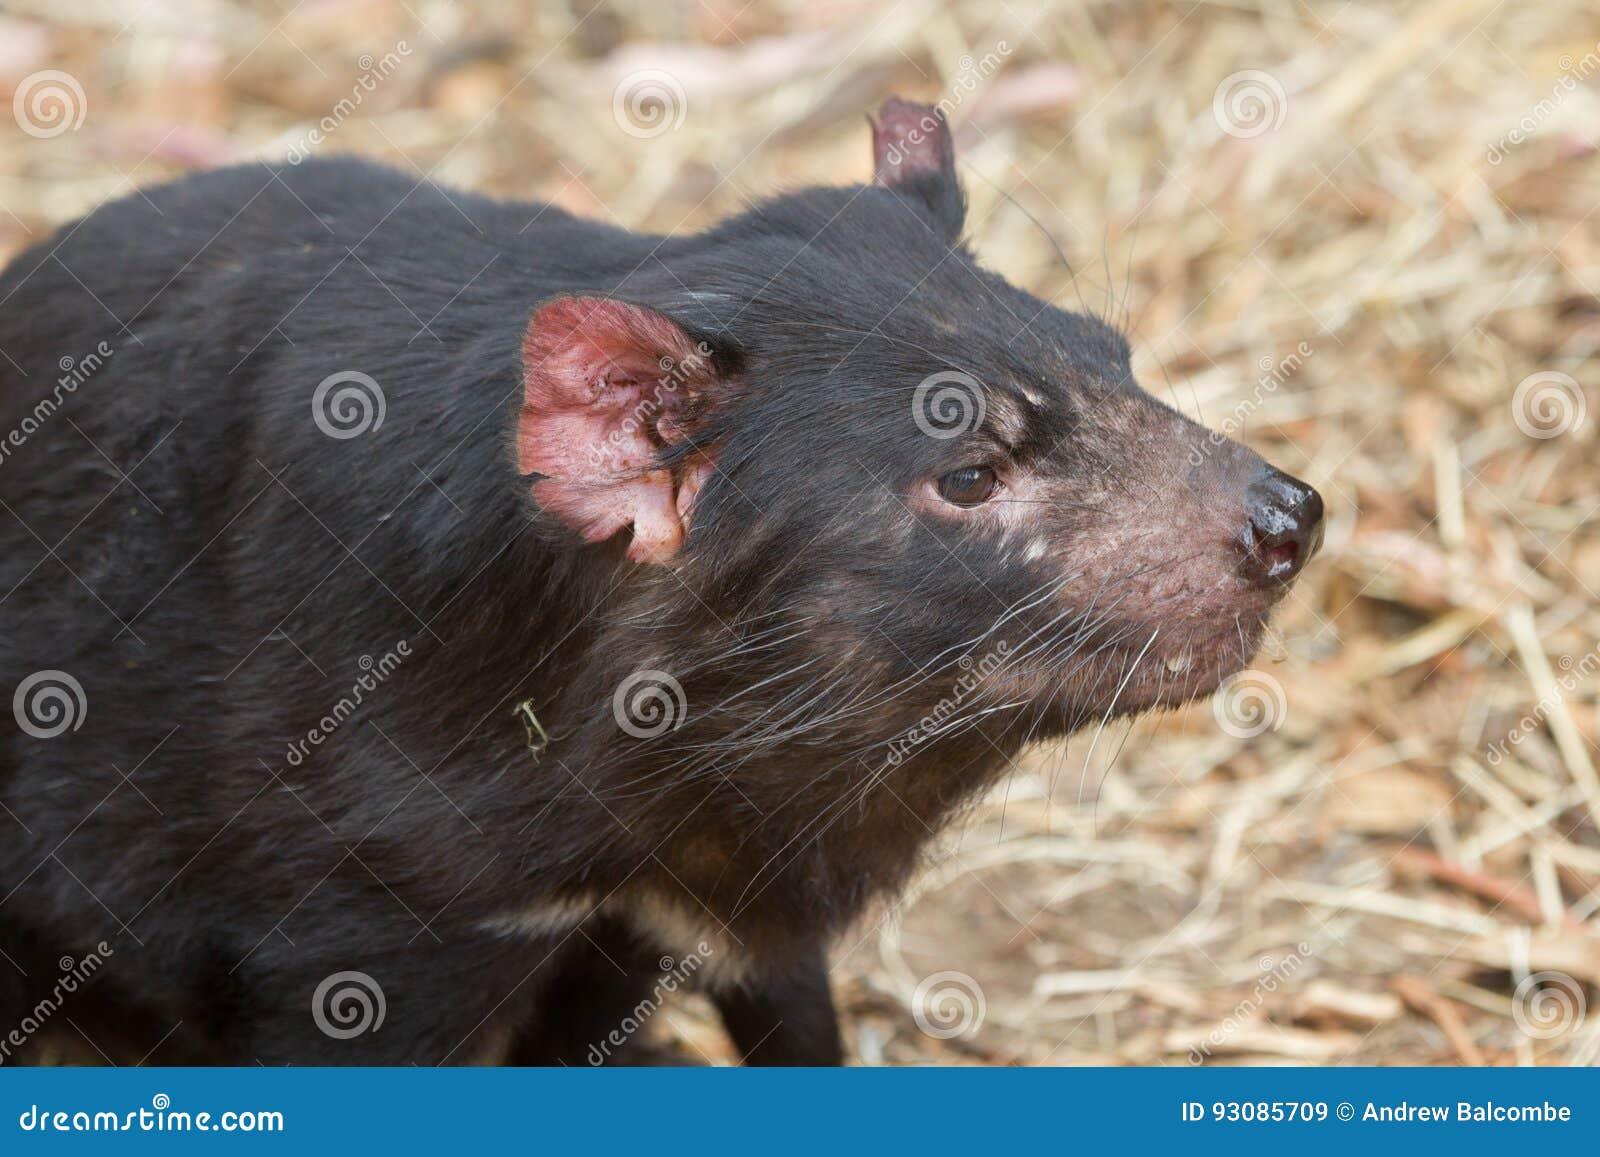 Face of Tasmanian devil